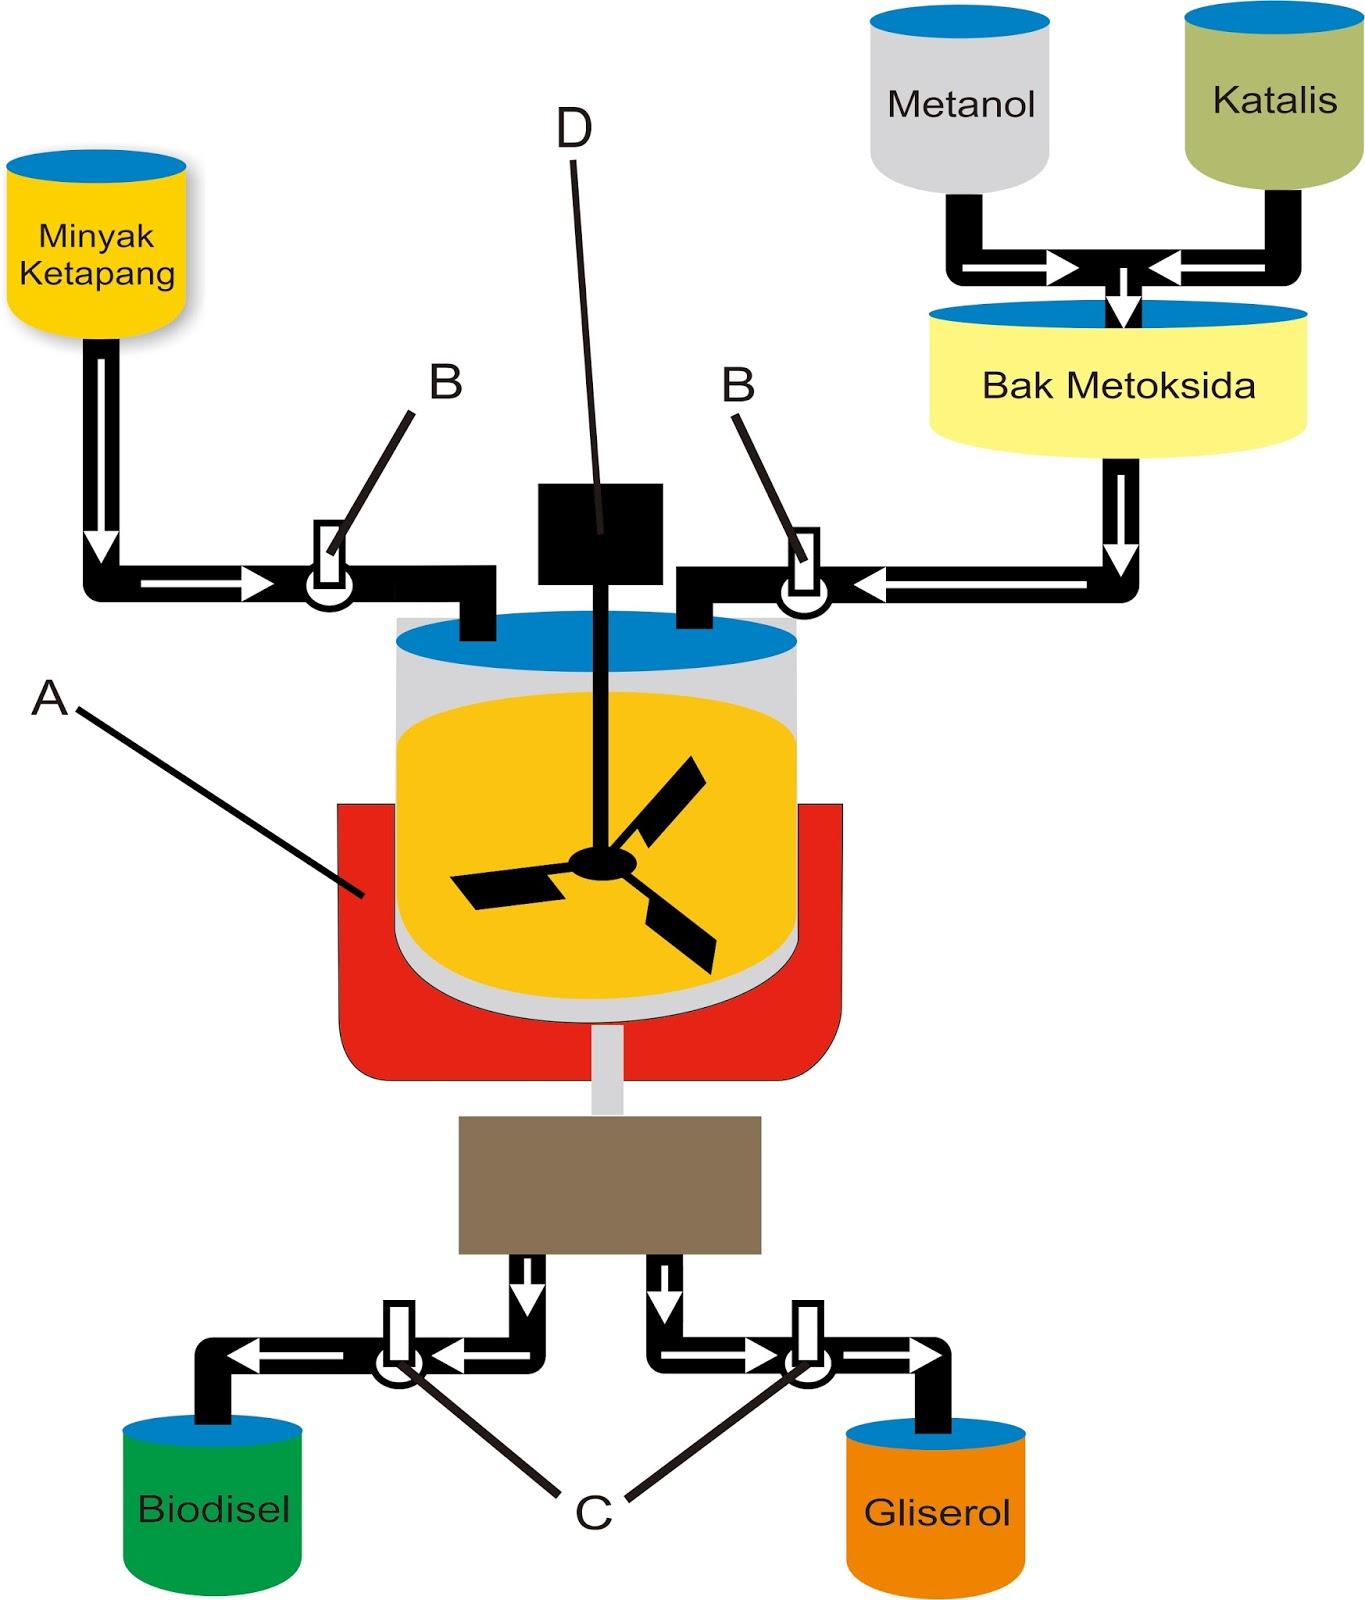 Pkm gt minyak biji ketapang ilmu kimia desain reaktor biodiesel dan bioetanol dari minyak ketapang ccuart Choice Image